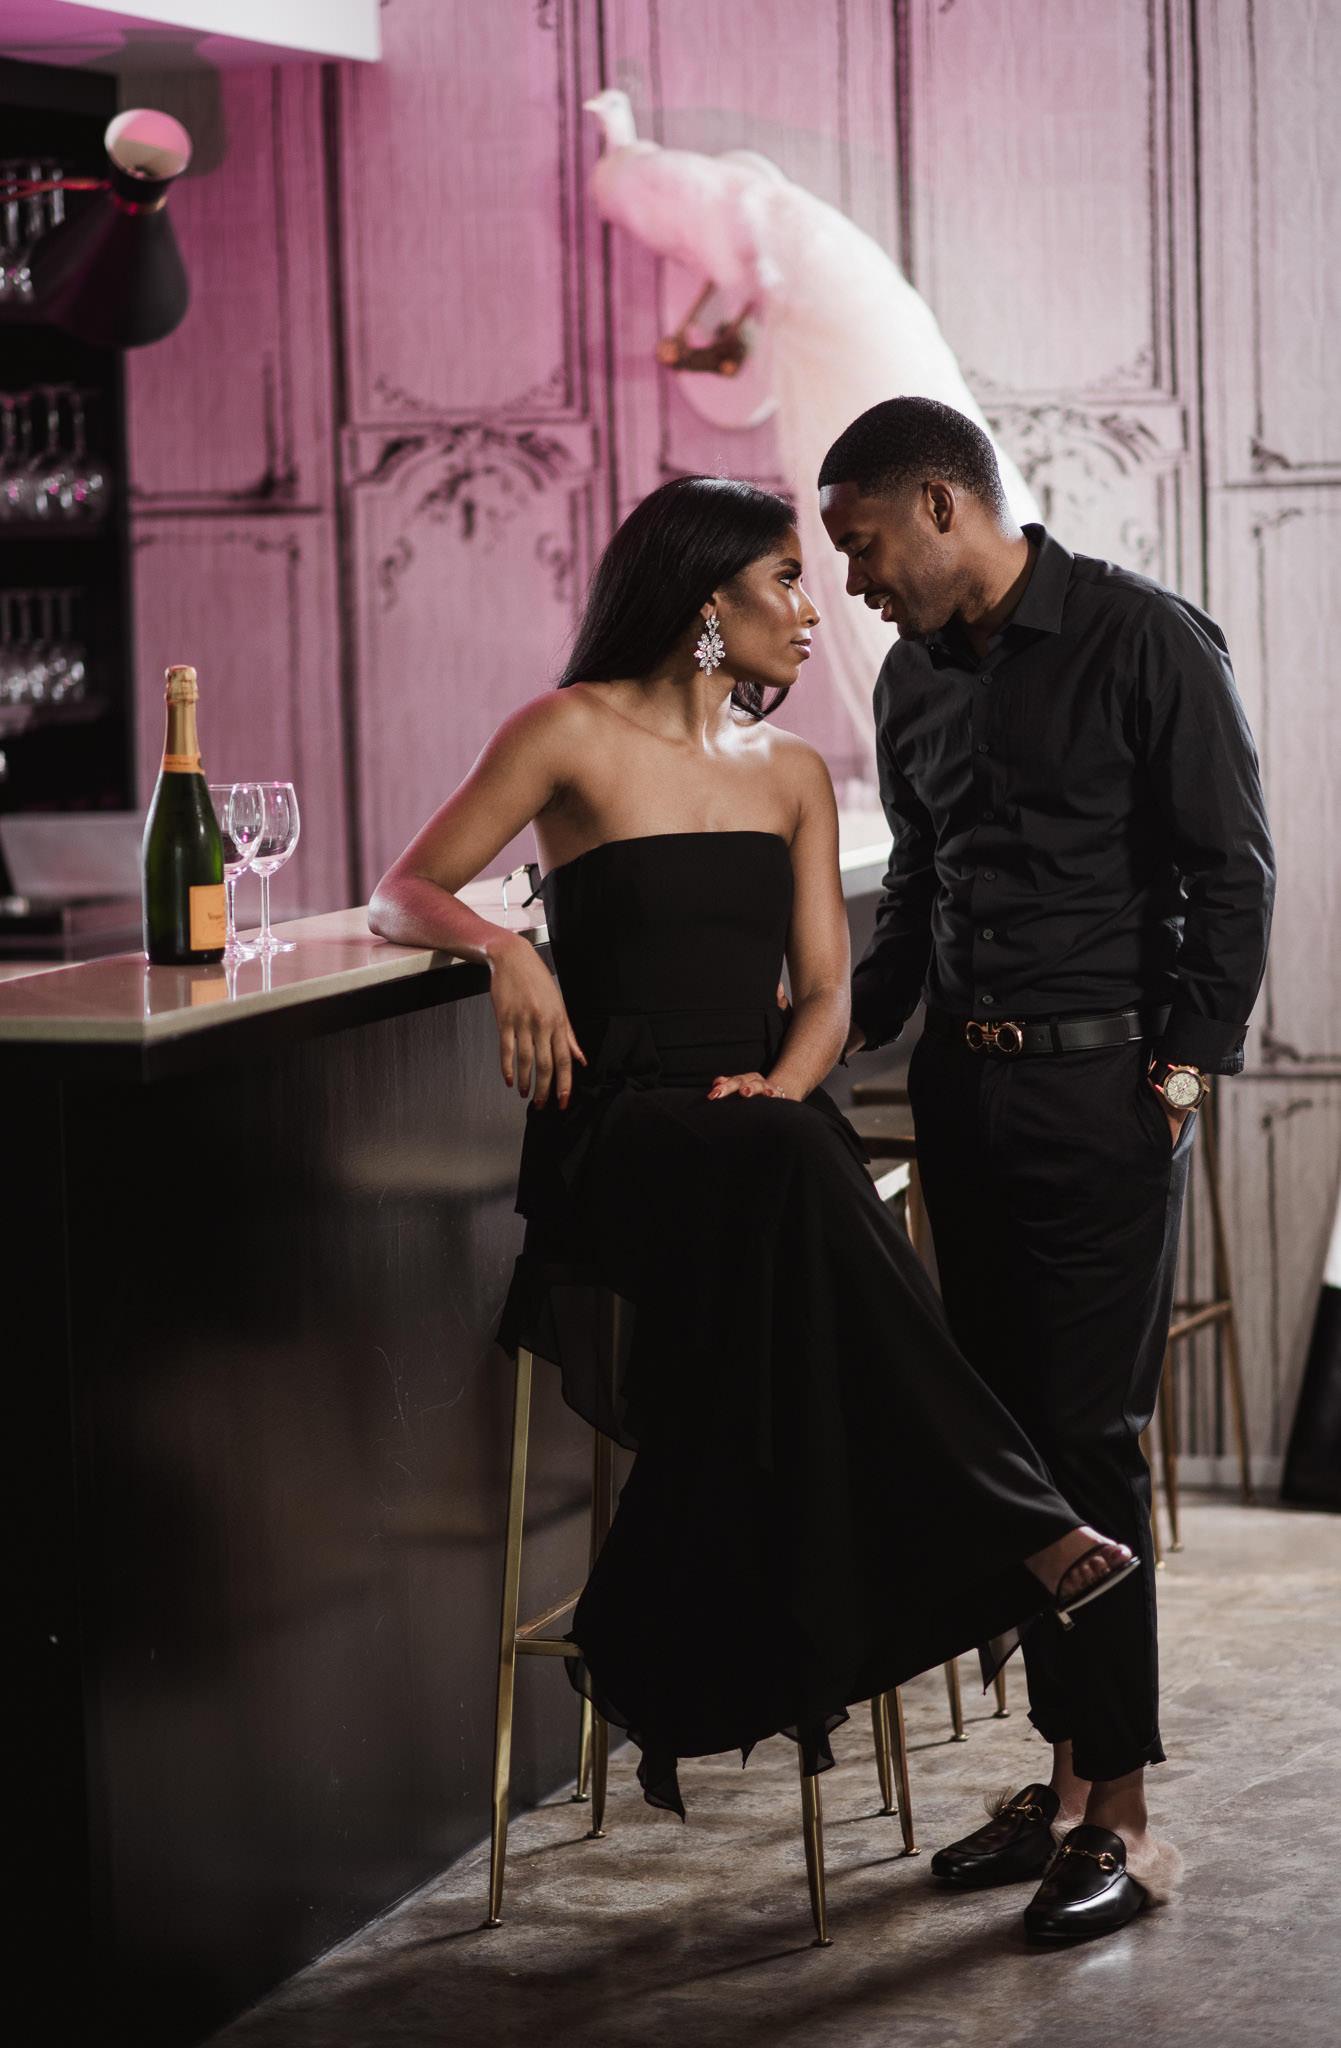 houston-black-beautiful-couple-engagement-session-life-htx-photographer-glam-style